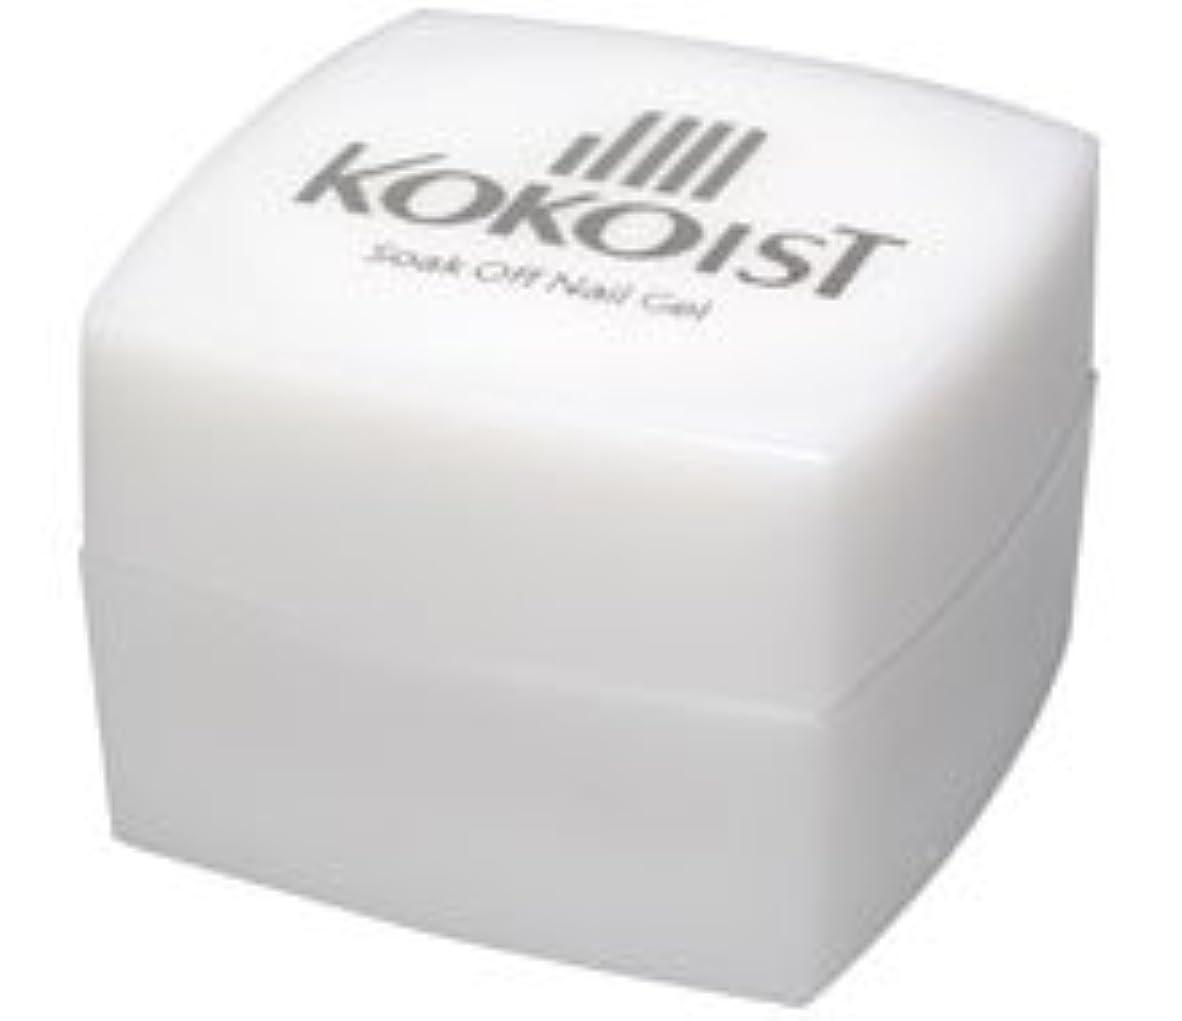 サミット未満礼拝KOKOIST(ココイスト) ソークオフ クリアジェル プラチナボンドII 4g